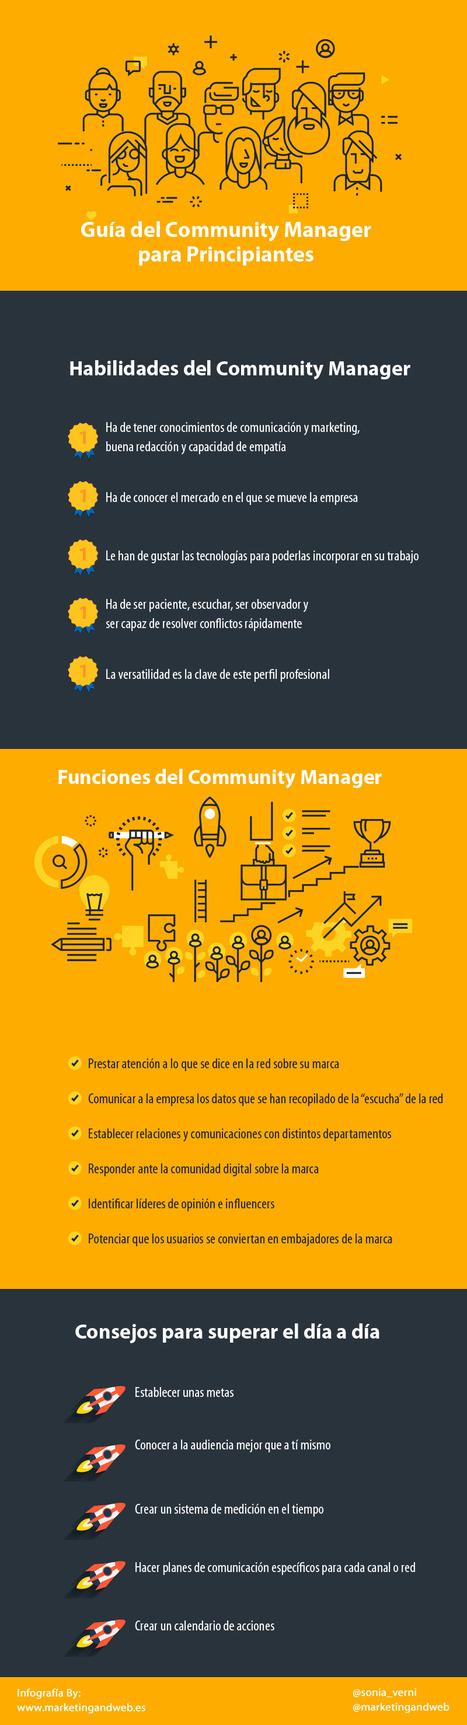 Qué es un Community Manager, qué hace y funciones. GUÍA | Noticias de Marketing Online - Marketing and Web | Scoop.it